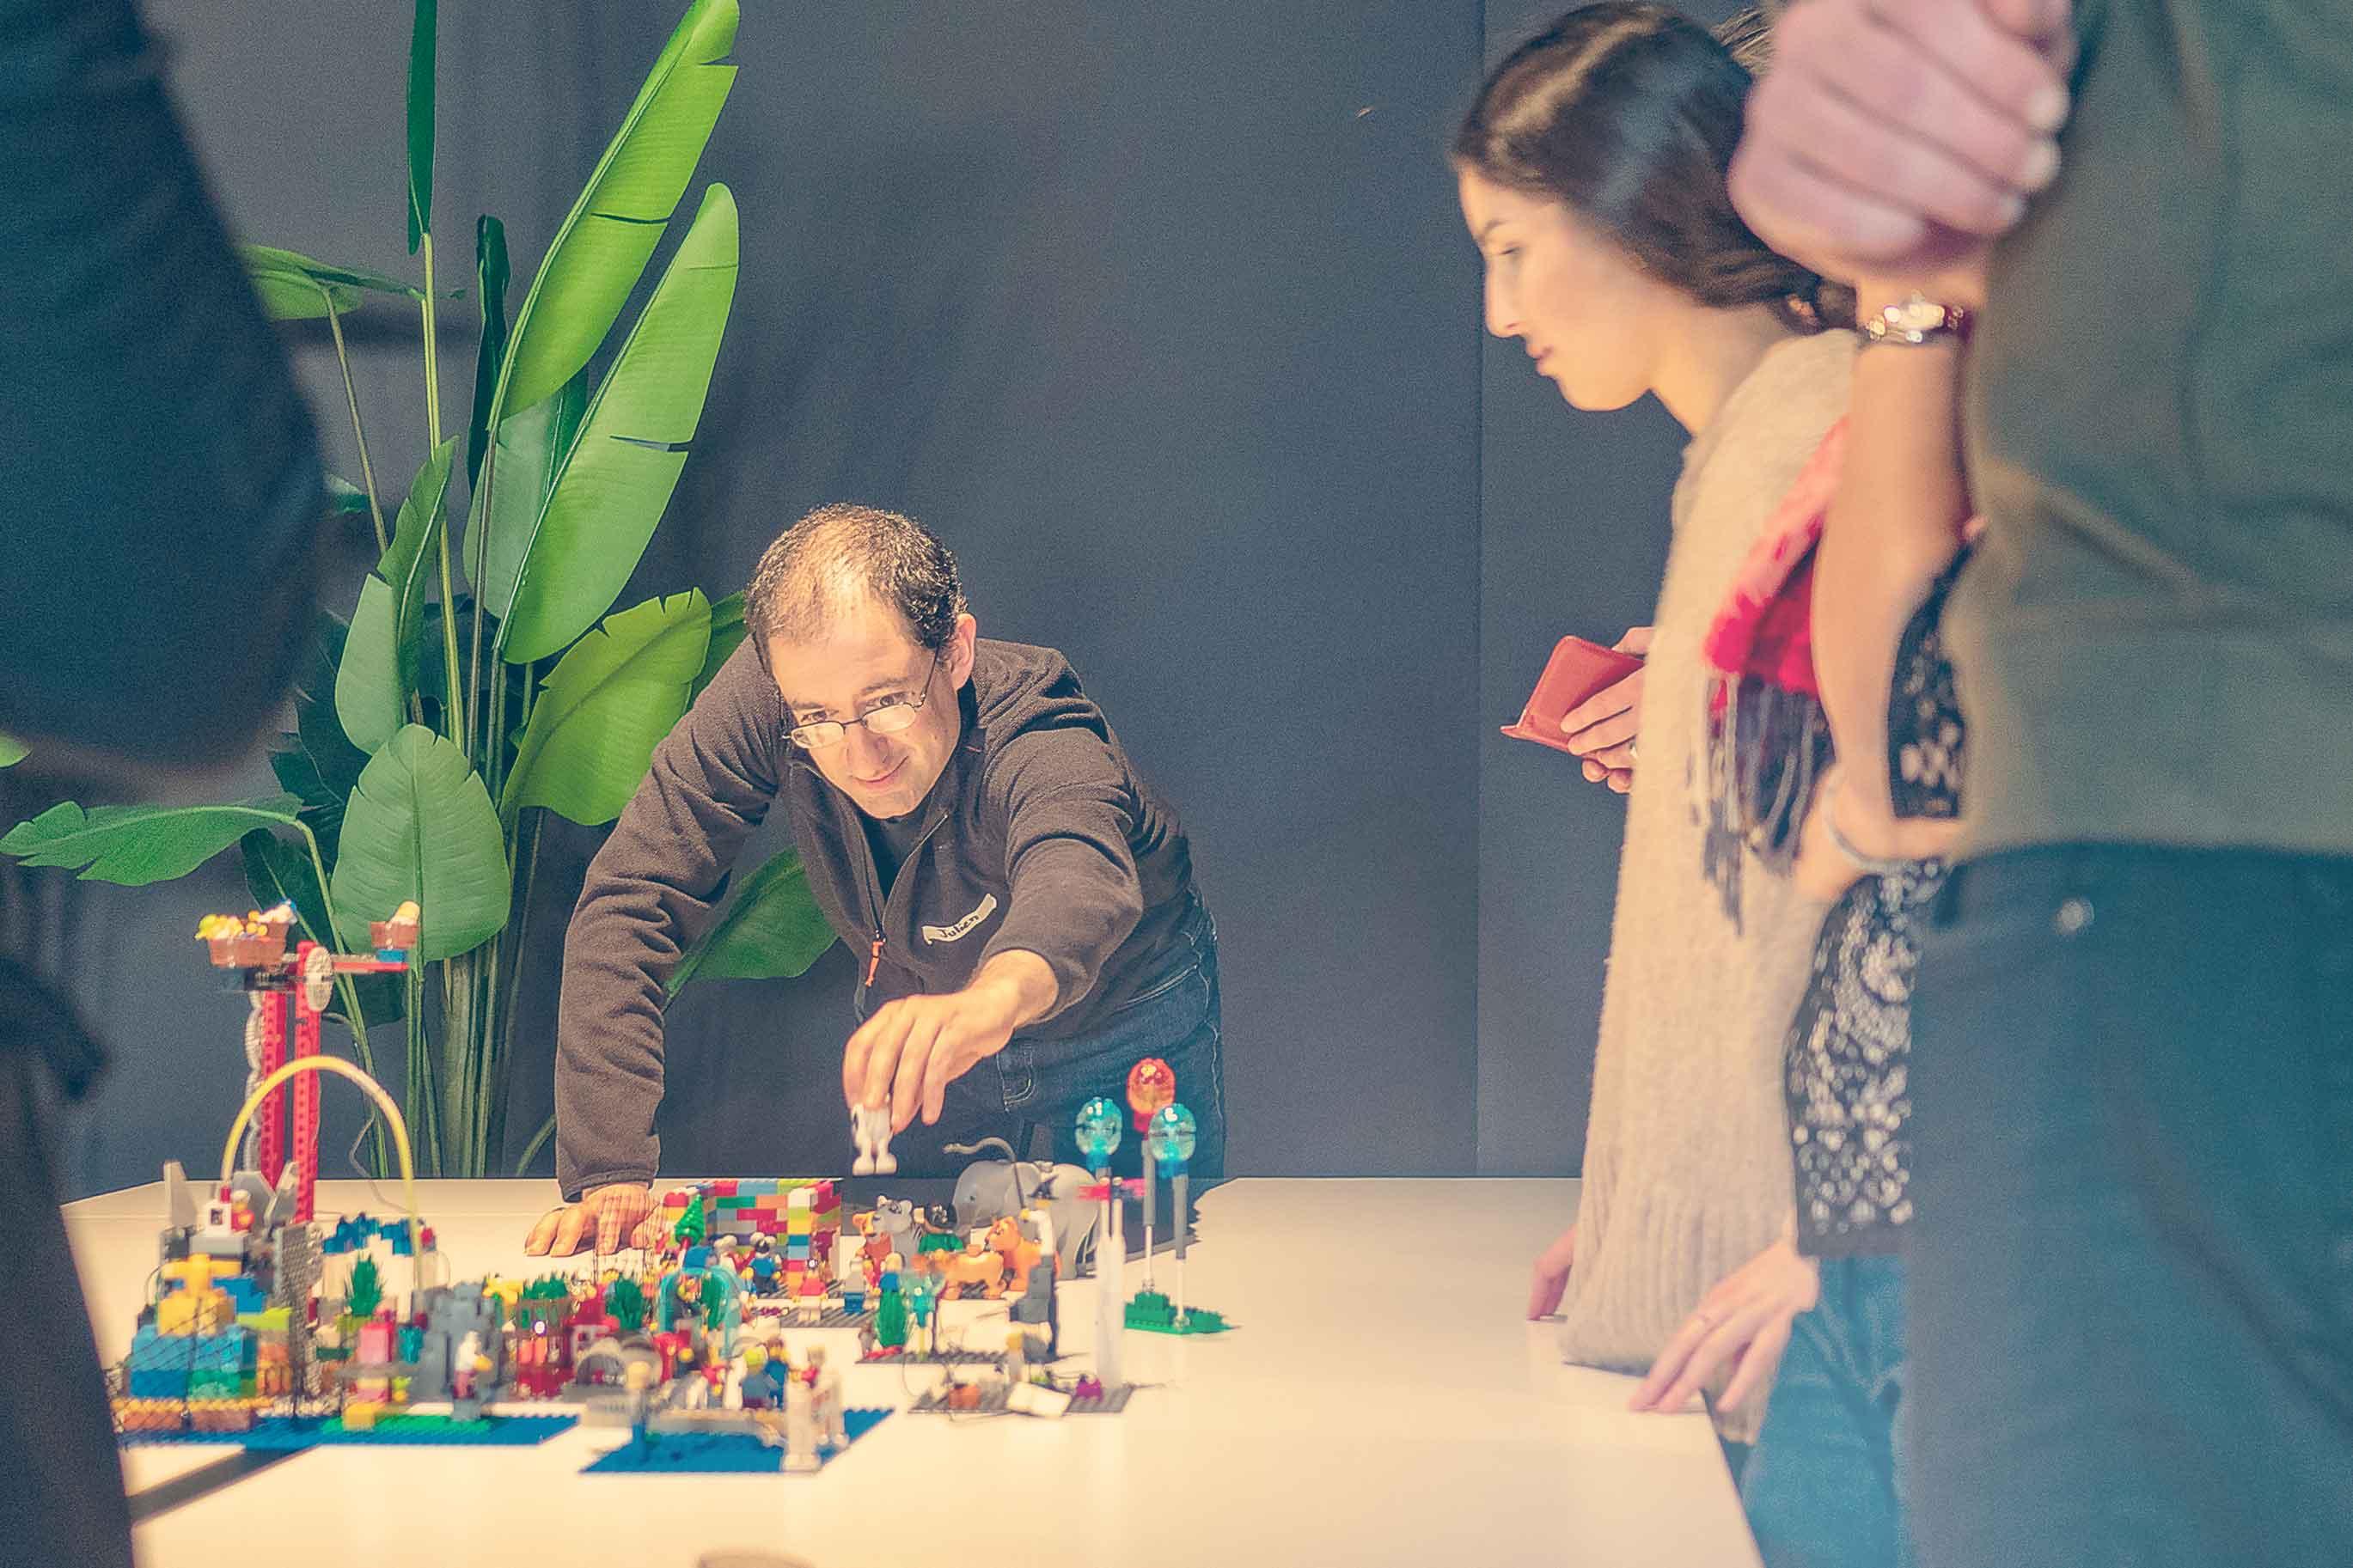 Erklären mit den Händen mit Lego